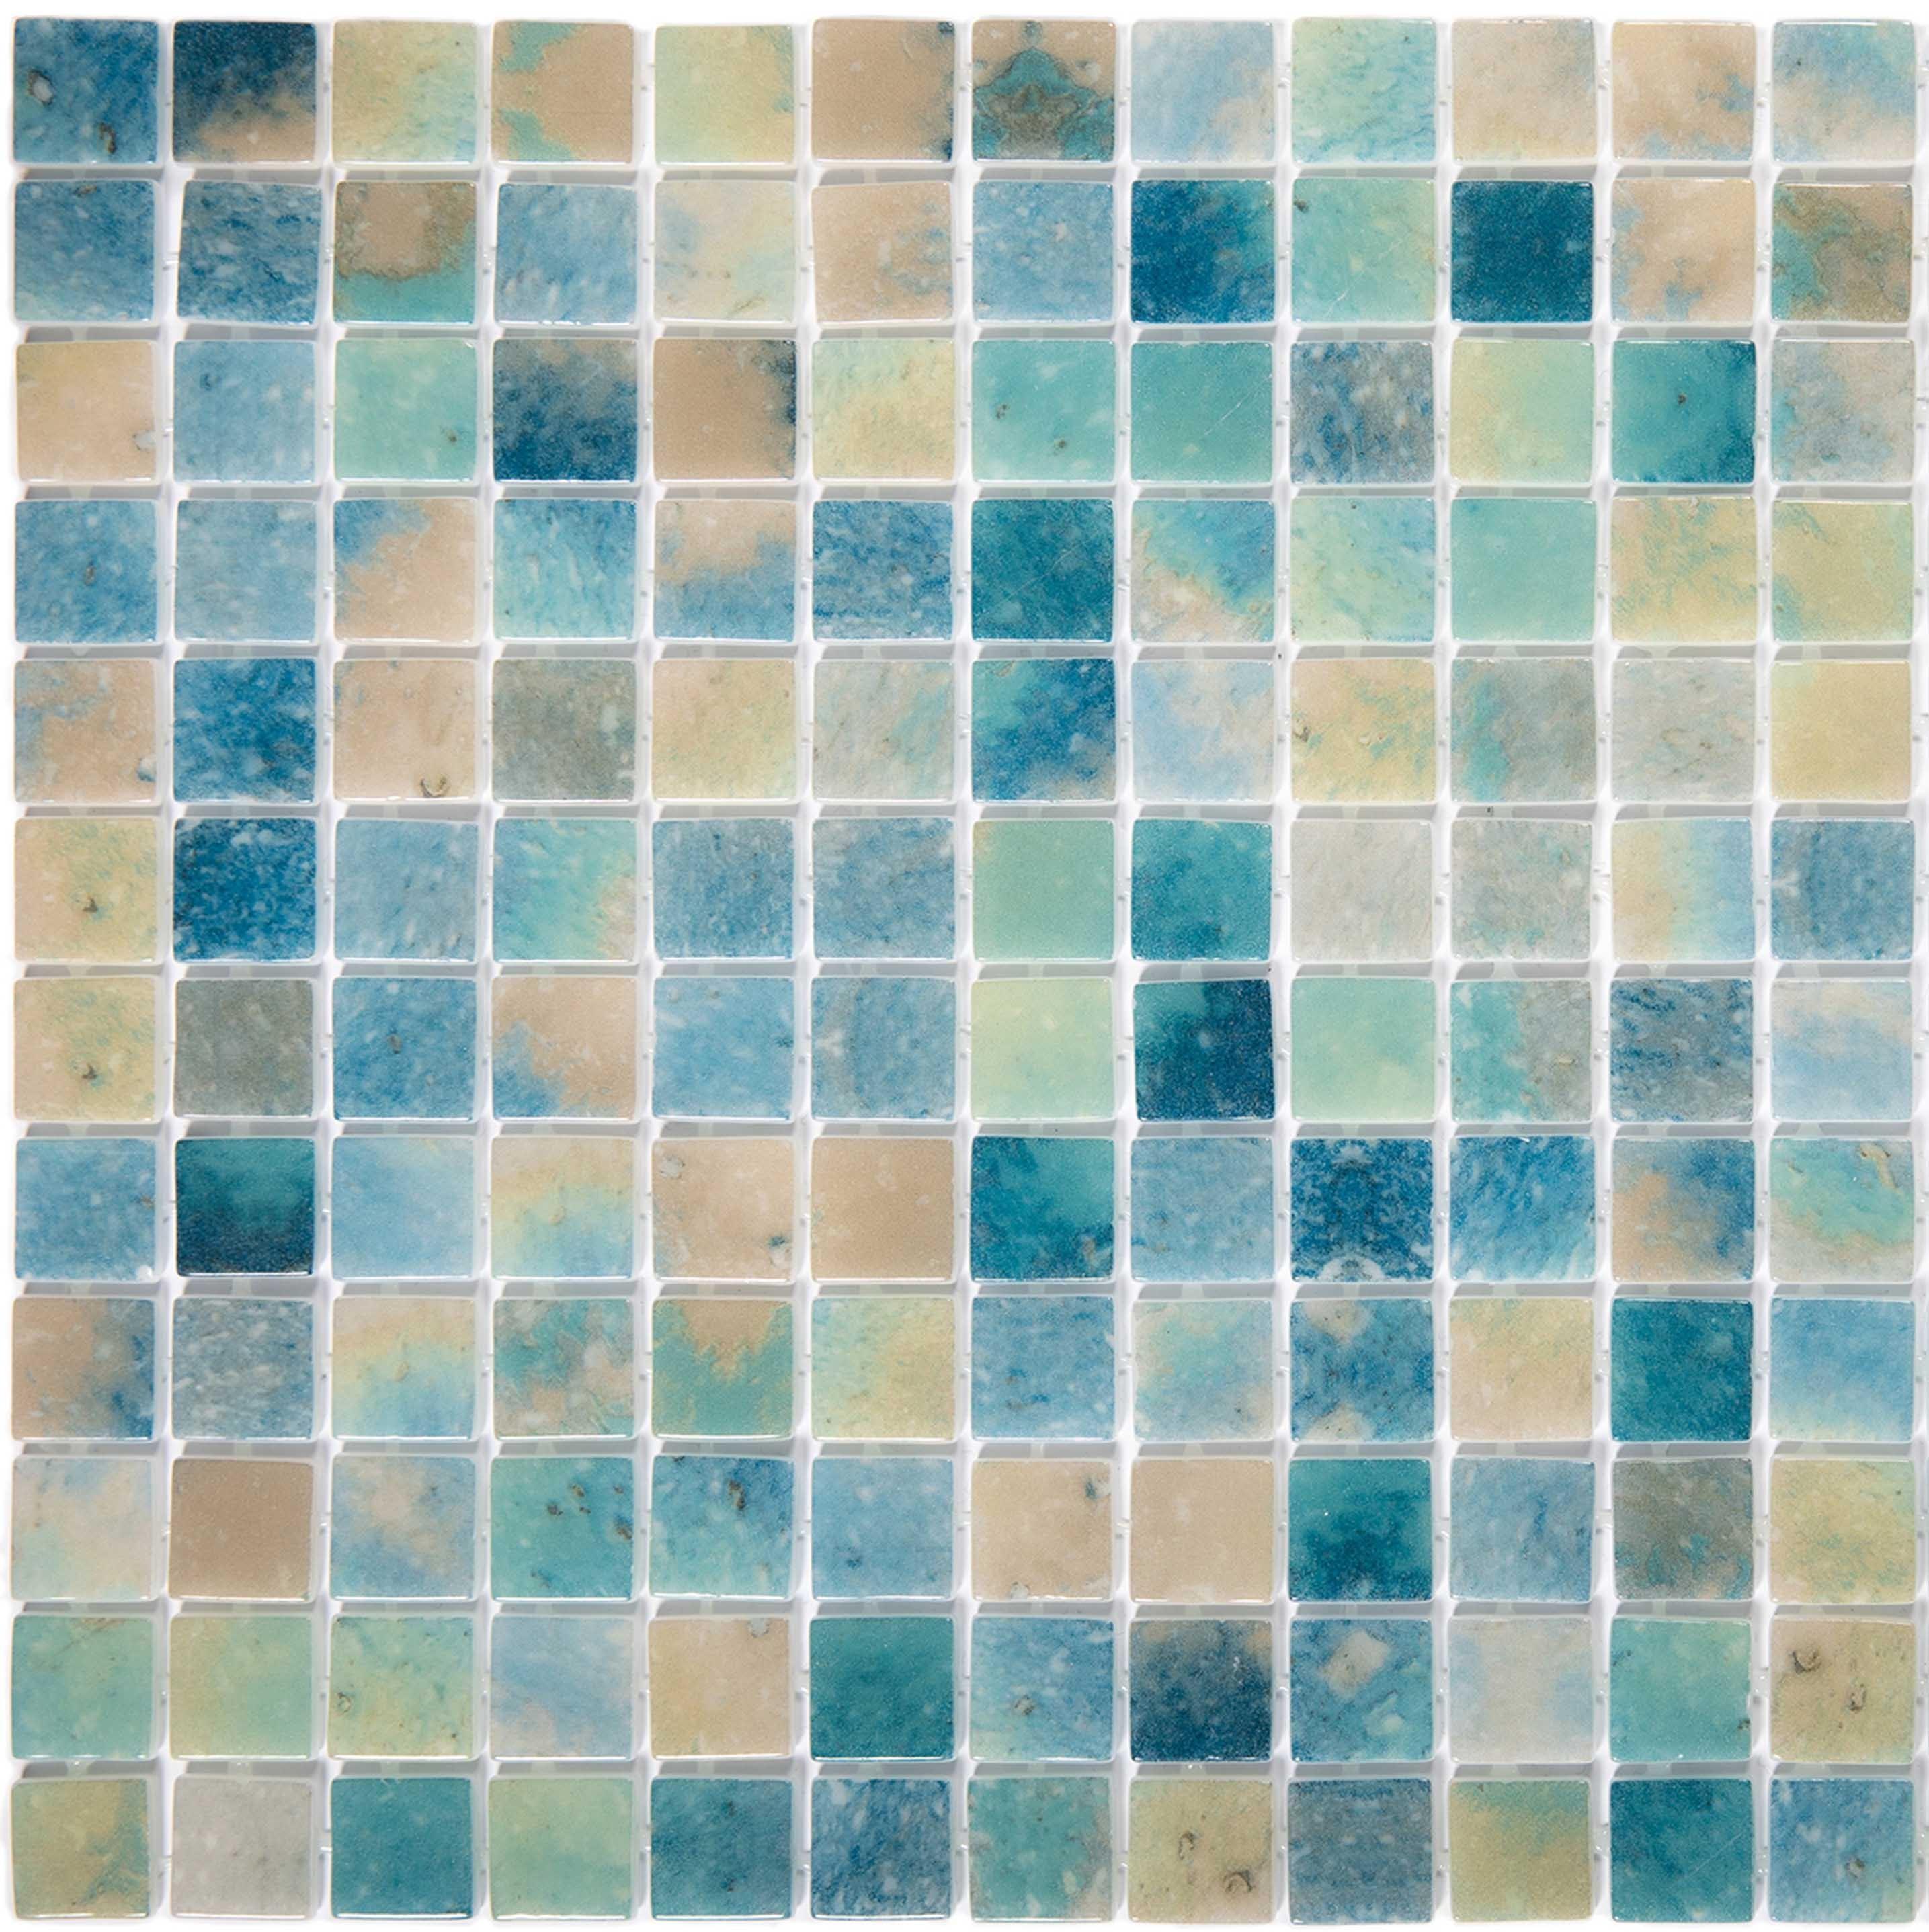 Pool-Tiles Hero Onix Tide-hero-gallery-2